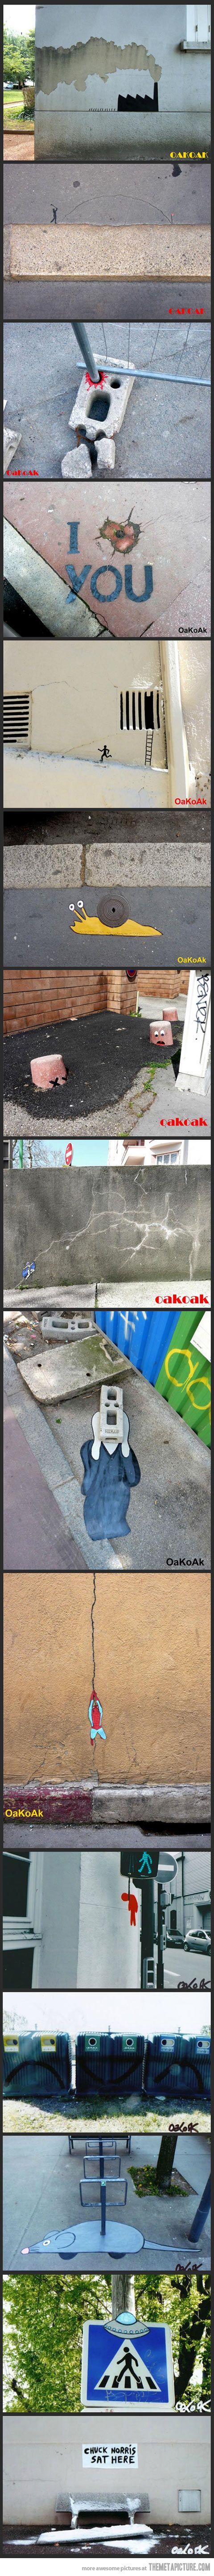 """""""Urban Interventions by OakOak""""  Aplauso para la imaginación de estas mentes abiertas."""